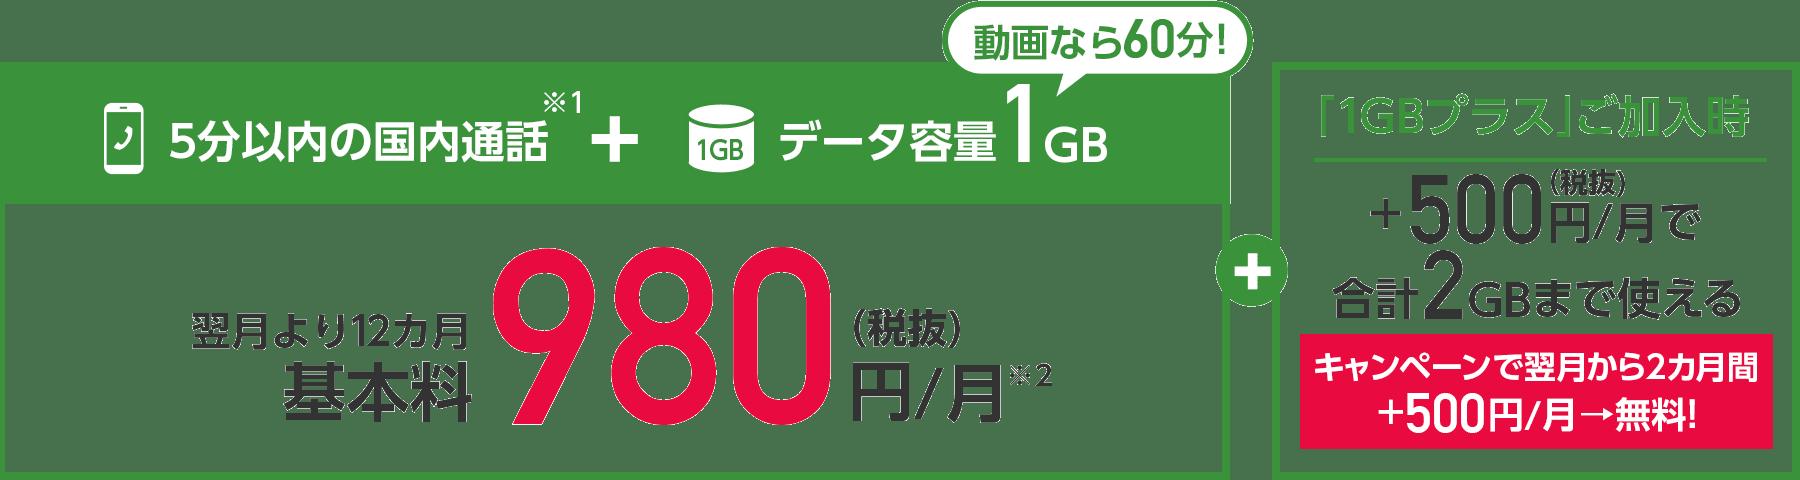 5分以内の国内通話(※1) とデータ容量1GB(動画なら60分!)で翌月より12カ月基本料1カ月あたり980円(税抜)(※2) さらに「1GBプラス」ご加入時プラス1カ月あたり500円(税抜)で合計2GBまで使える キャンペーンで翌月から2カ月間1カ月あたり500円が無料!